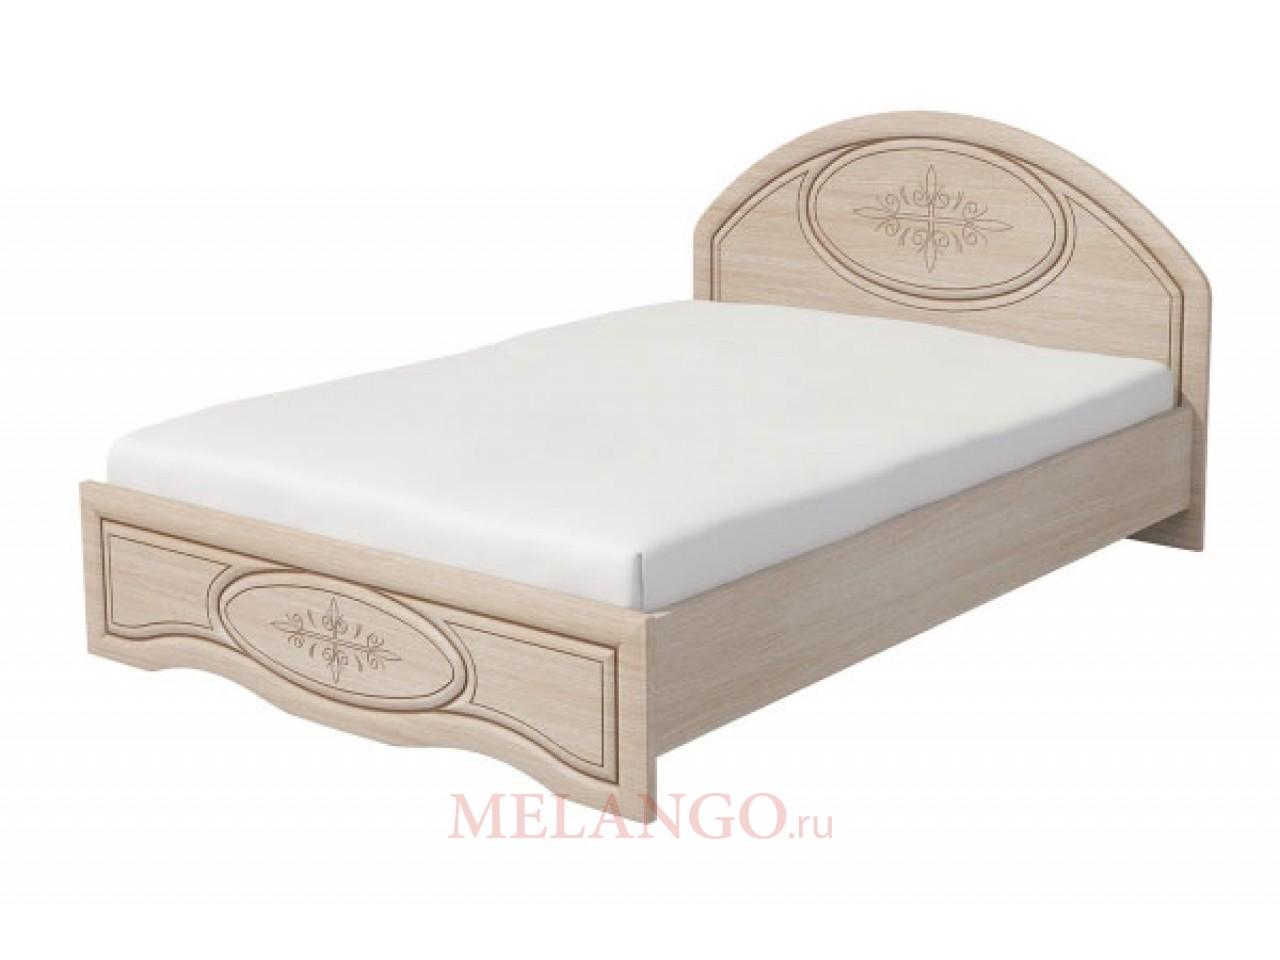 Двуспальная кровать  Василиса К1-160 М (с подъемным механизмом)